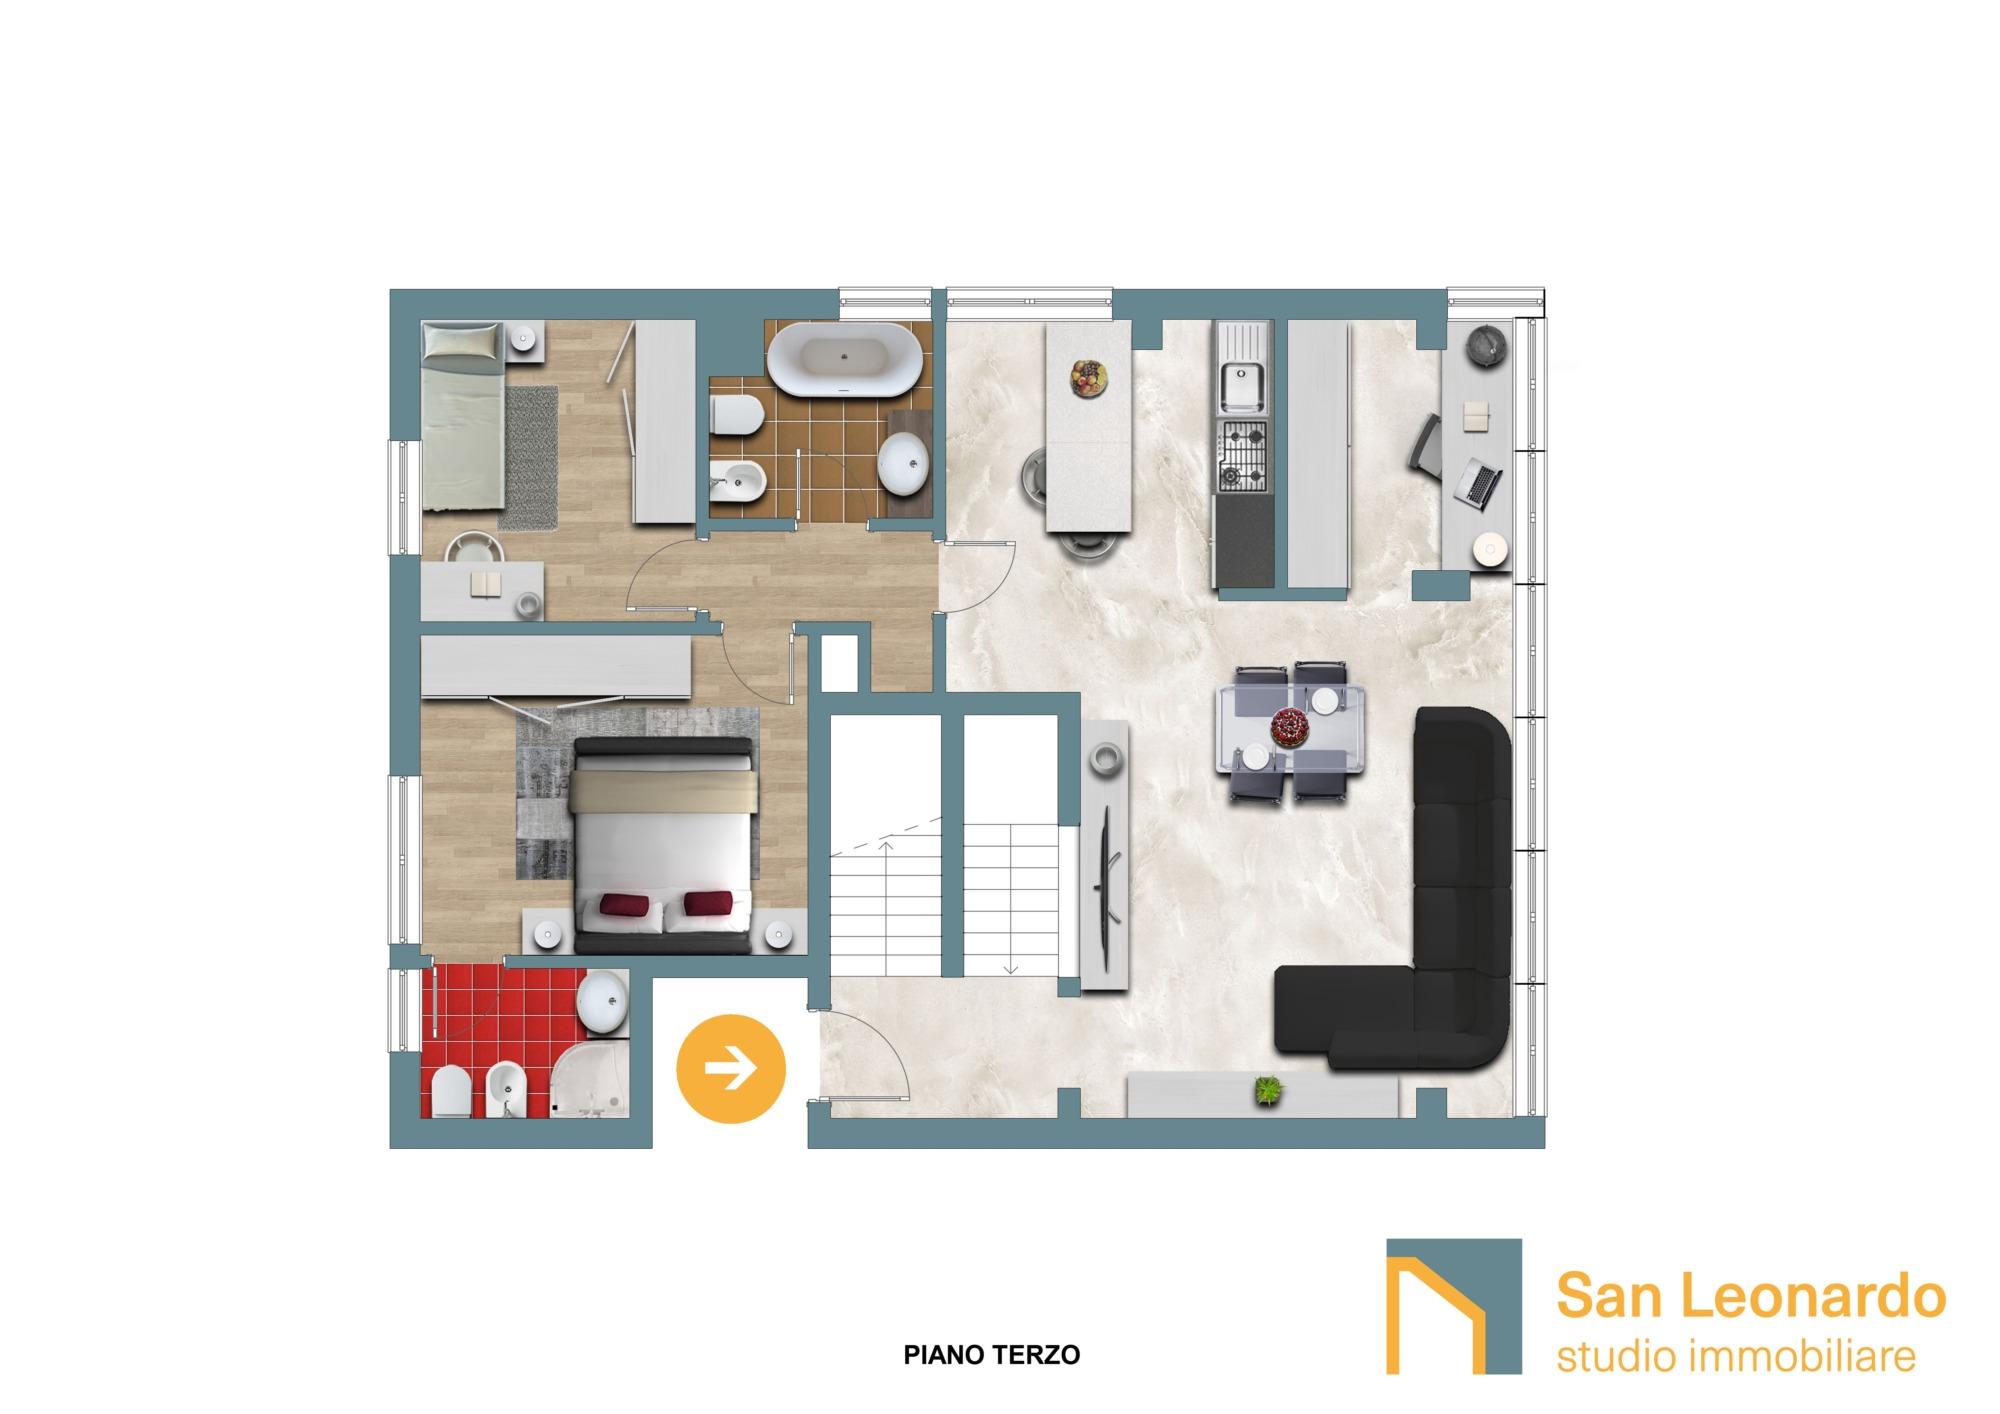 plani d studio san leonardo attico piano terzo mod jpg